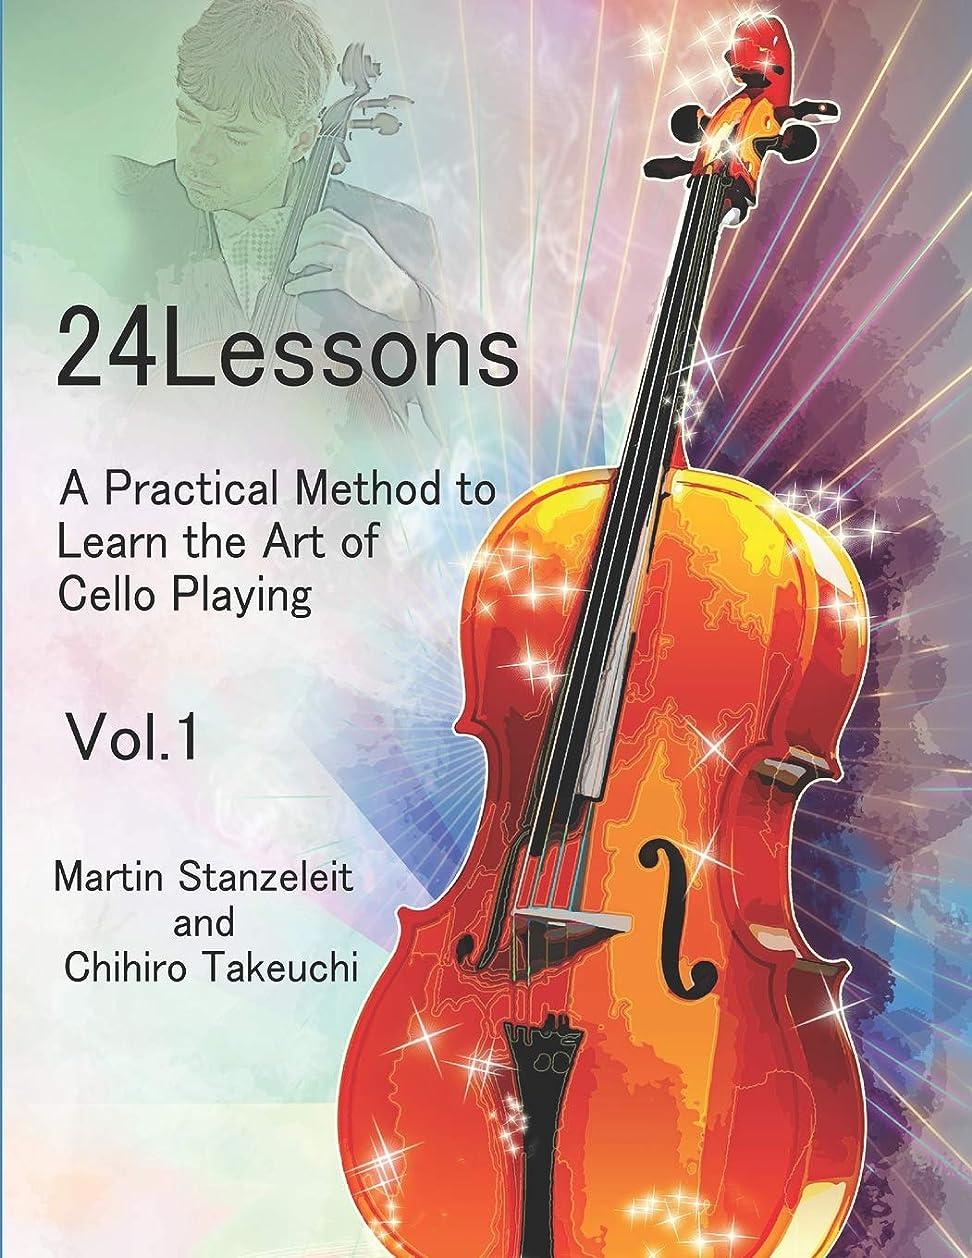 死の顎エンティティ遅滞24 lessons A Practical Method to  Learn the Art of Cello Playing Vol.1